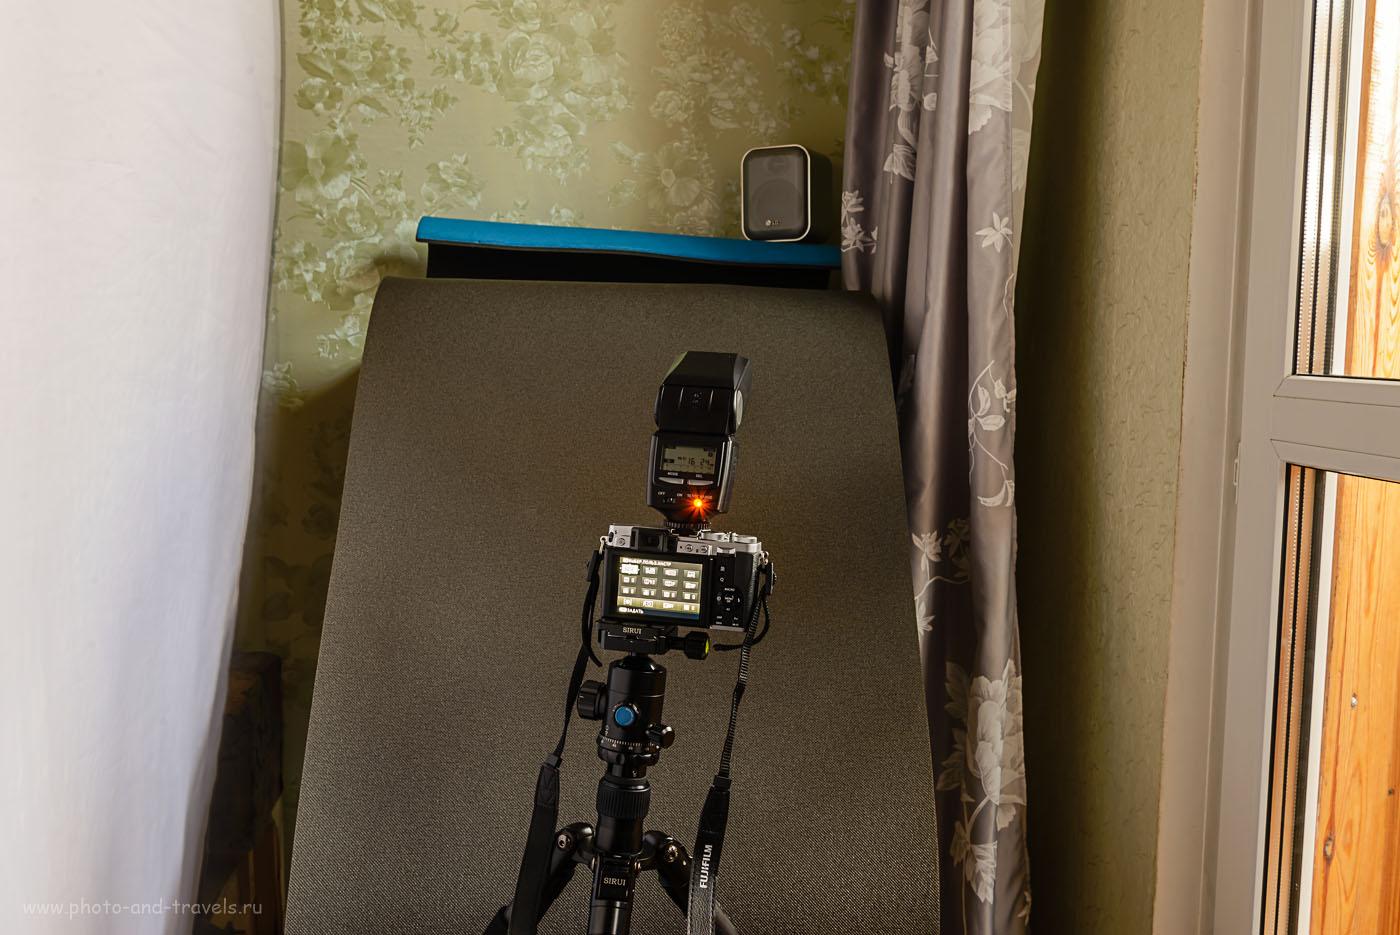 Фотография 33. Как фотографировать предметы для каталога интернет-магазина на полнокадровую камеру Nikon D610. Параметры съемки: 10 секунд, +0,67EV, 11.0, 100, 34.